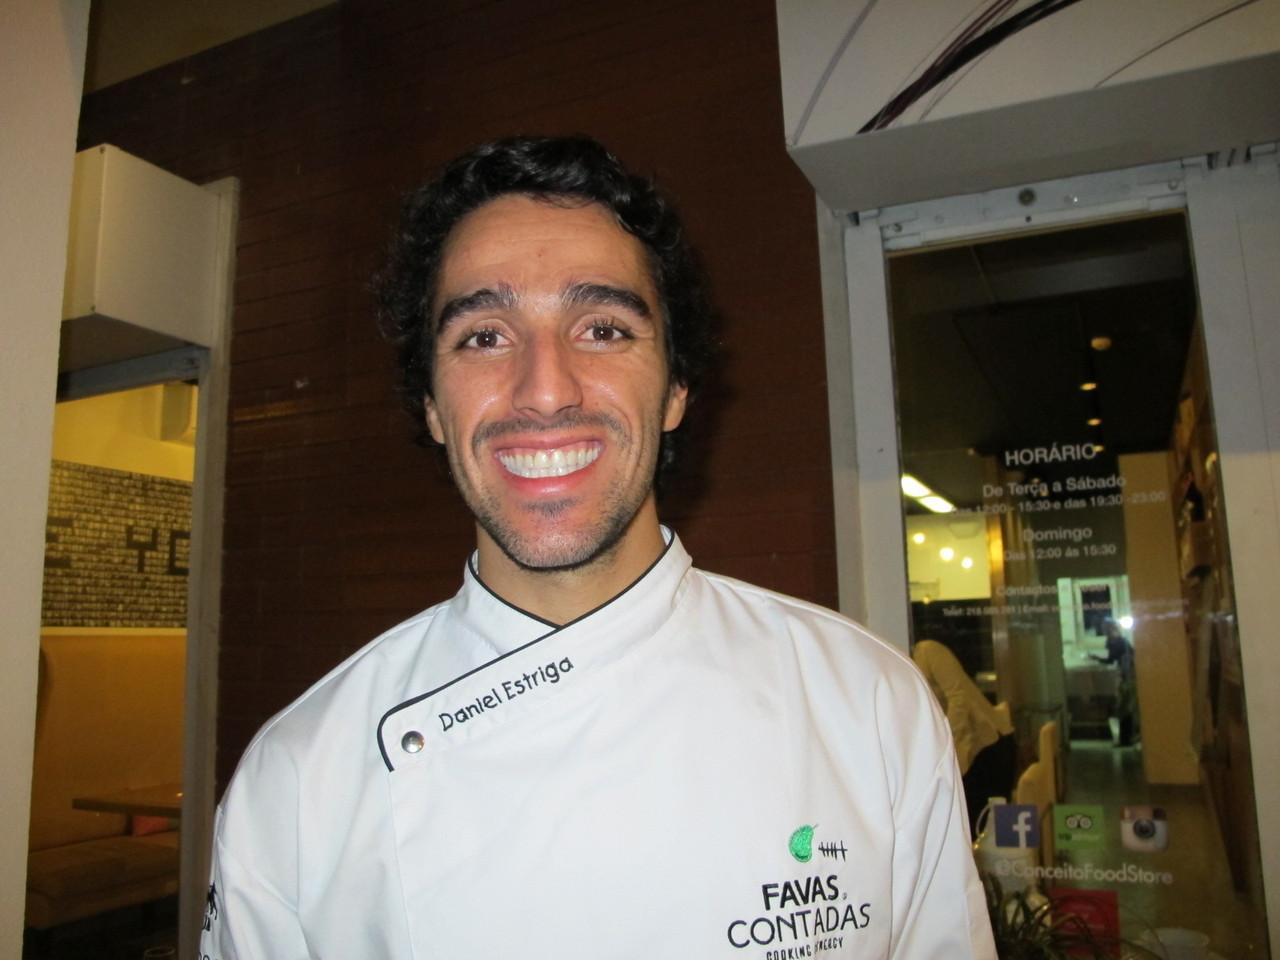 Daniel Estriga .JPG